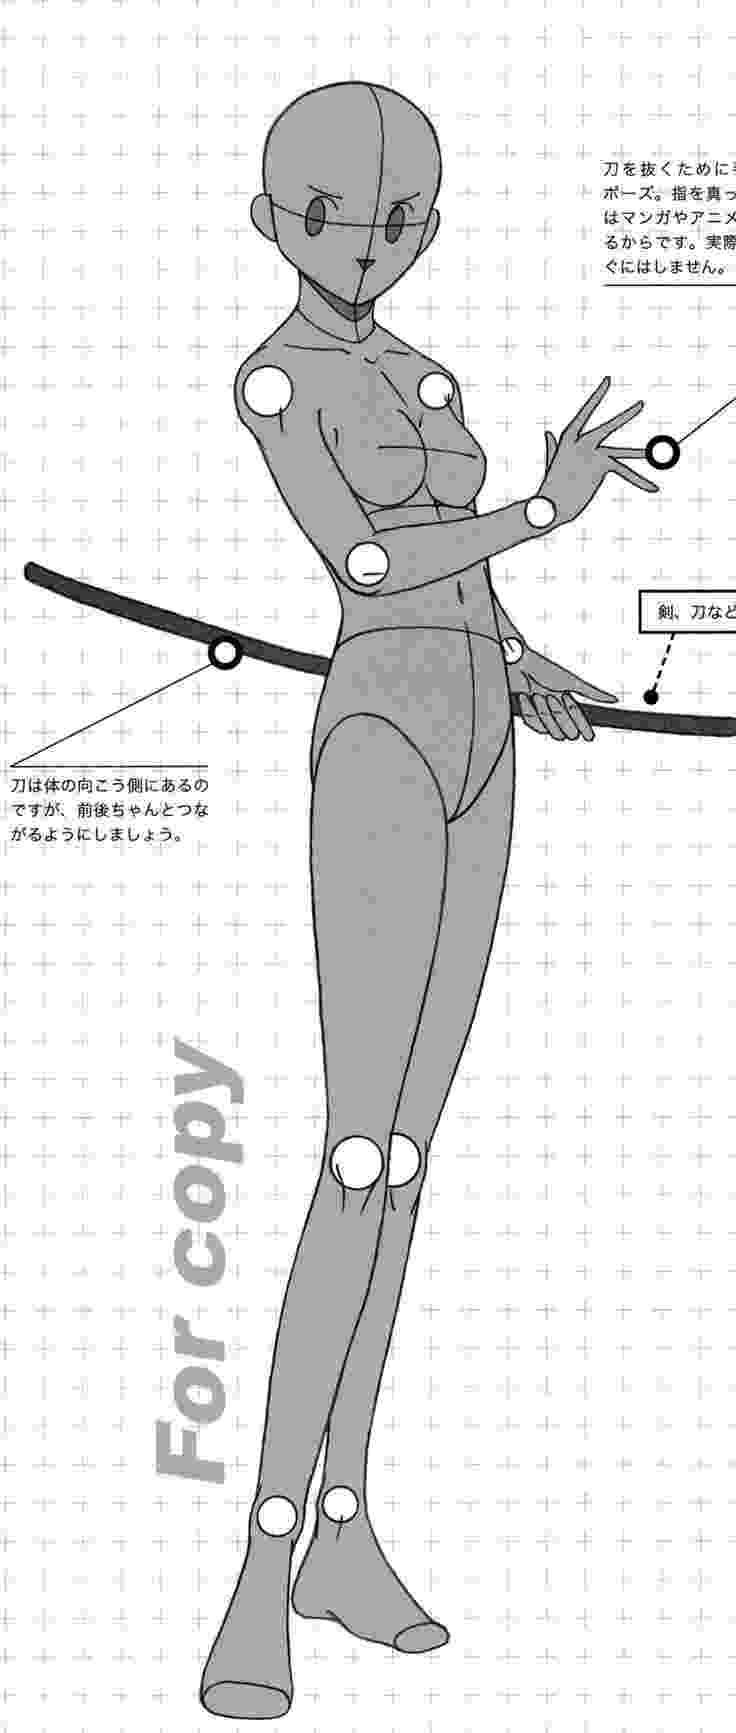 anime boy body how to draw a body google search draw pinterest anime boy body